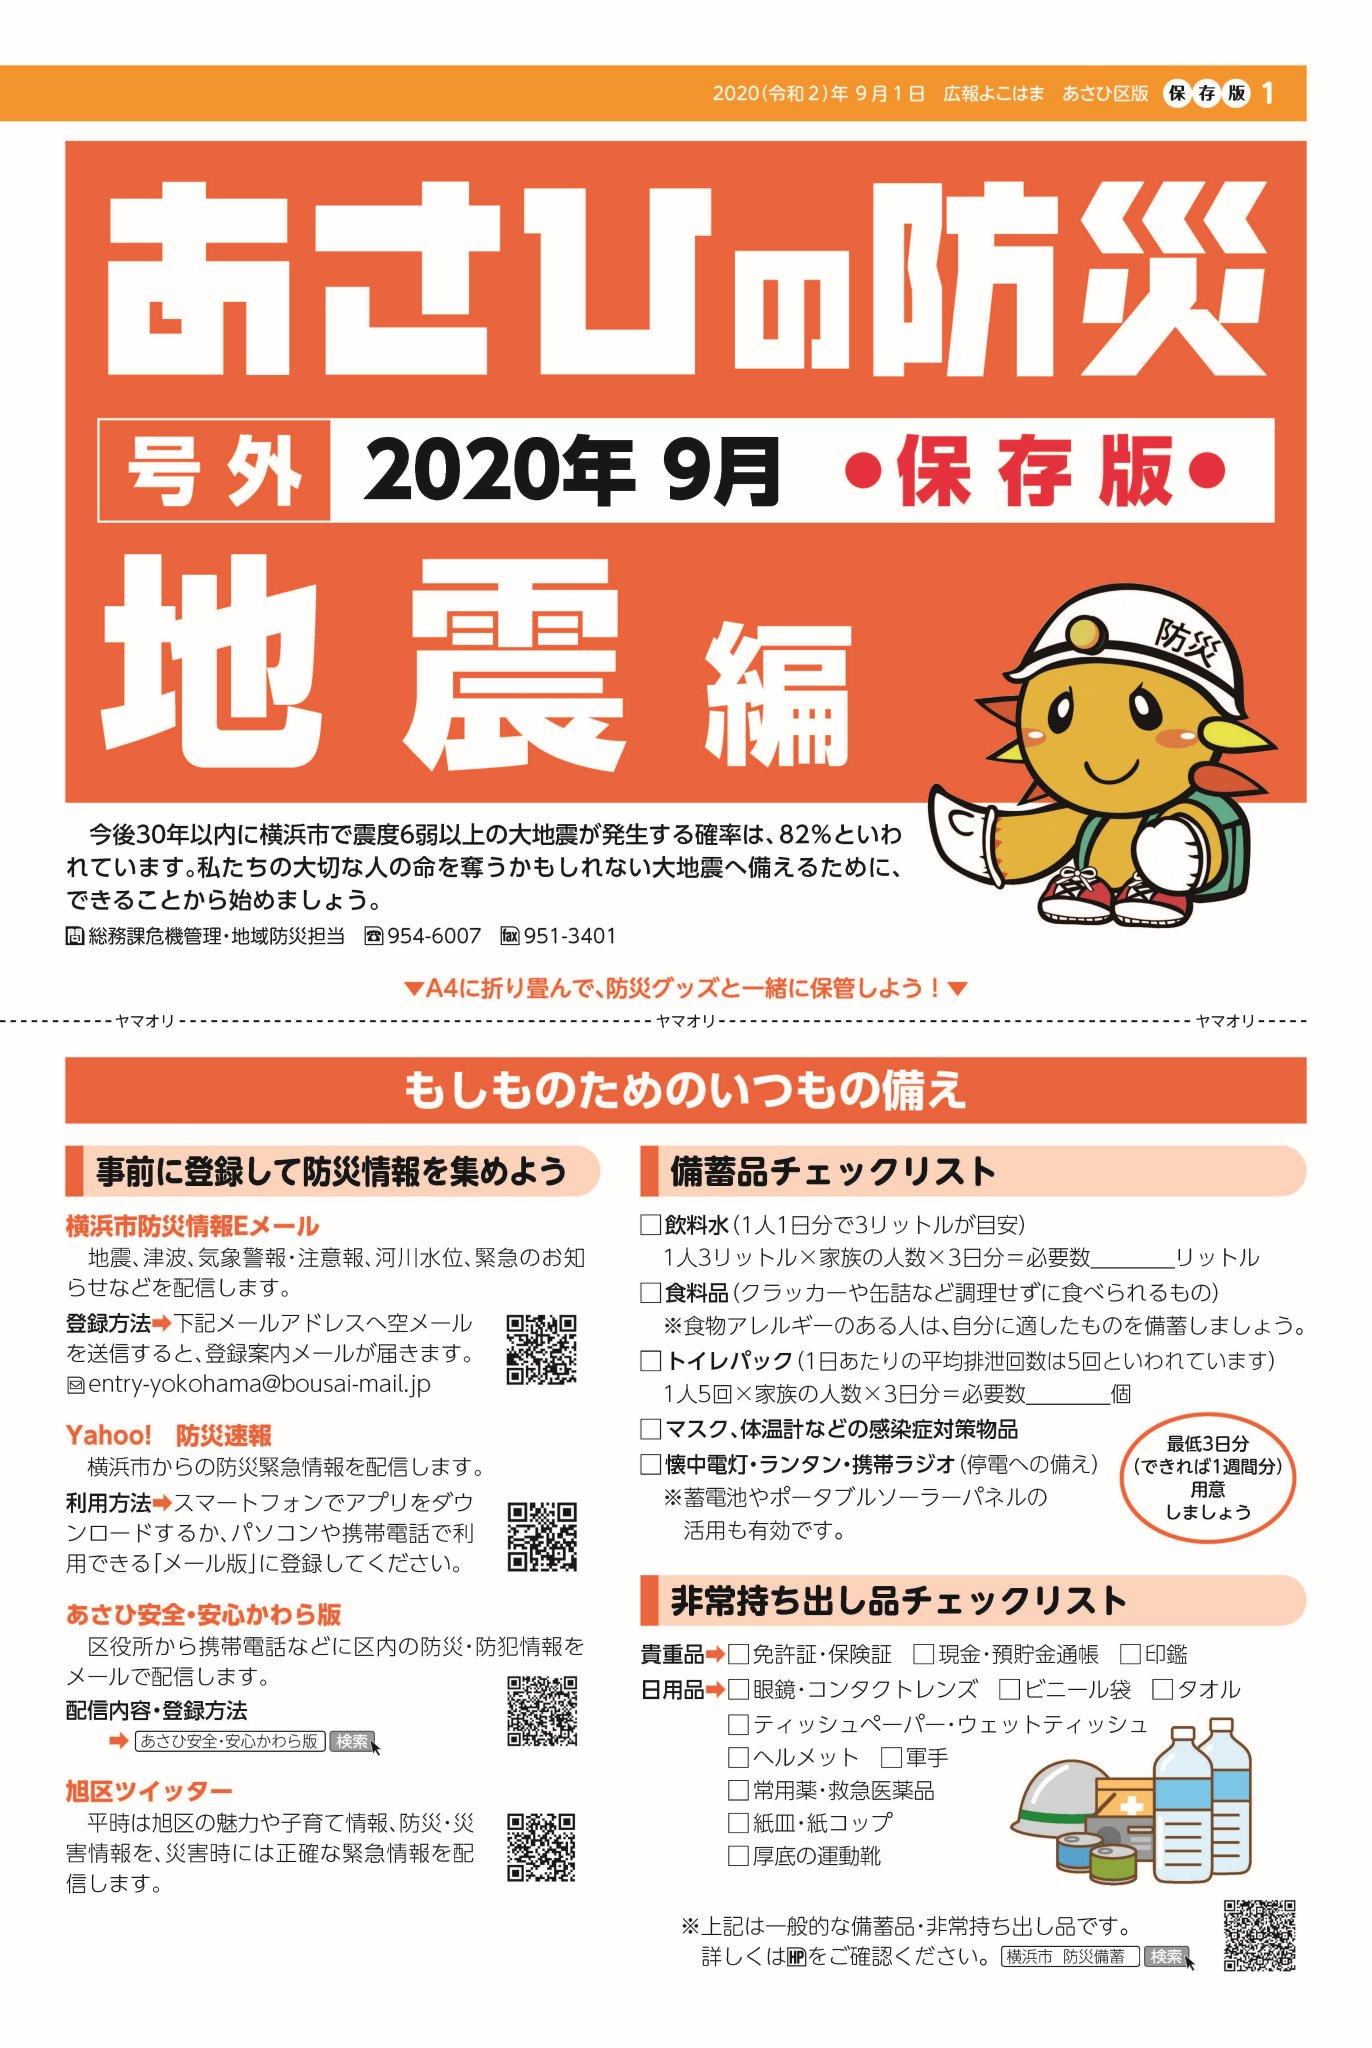 地震 横浜 日吉・綱島に最悪のシナリオは「川崎直下地震」、今から何をどう備えるべきか